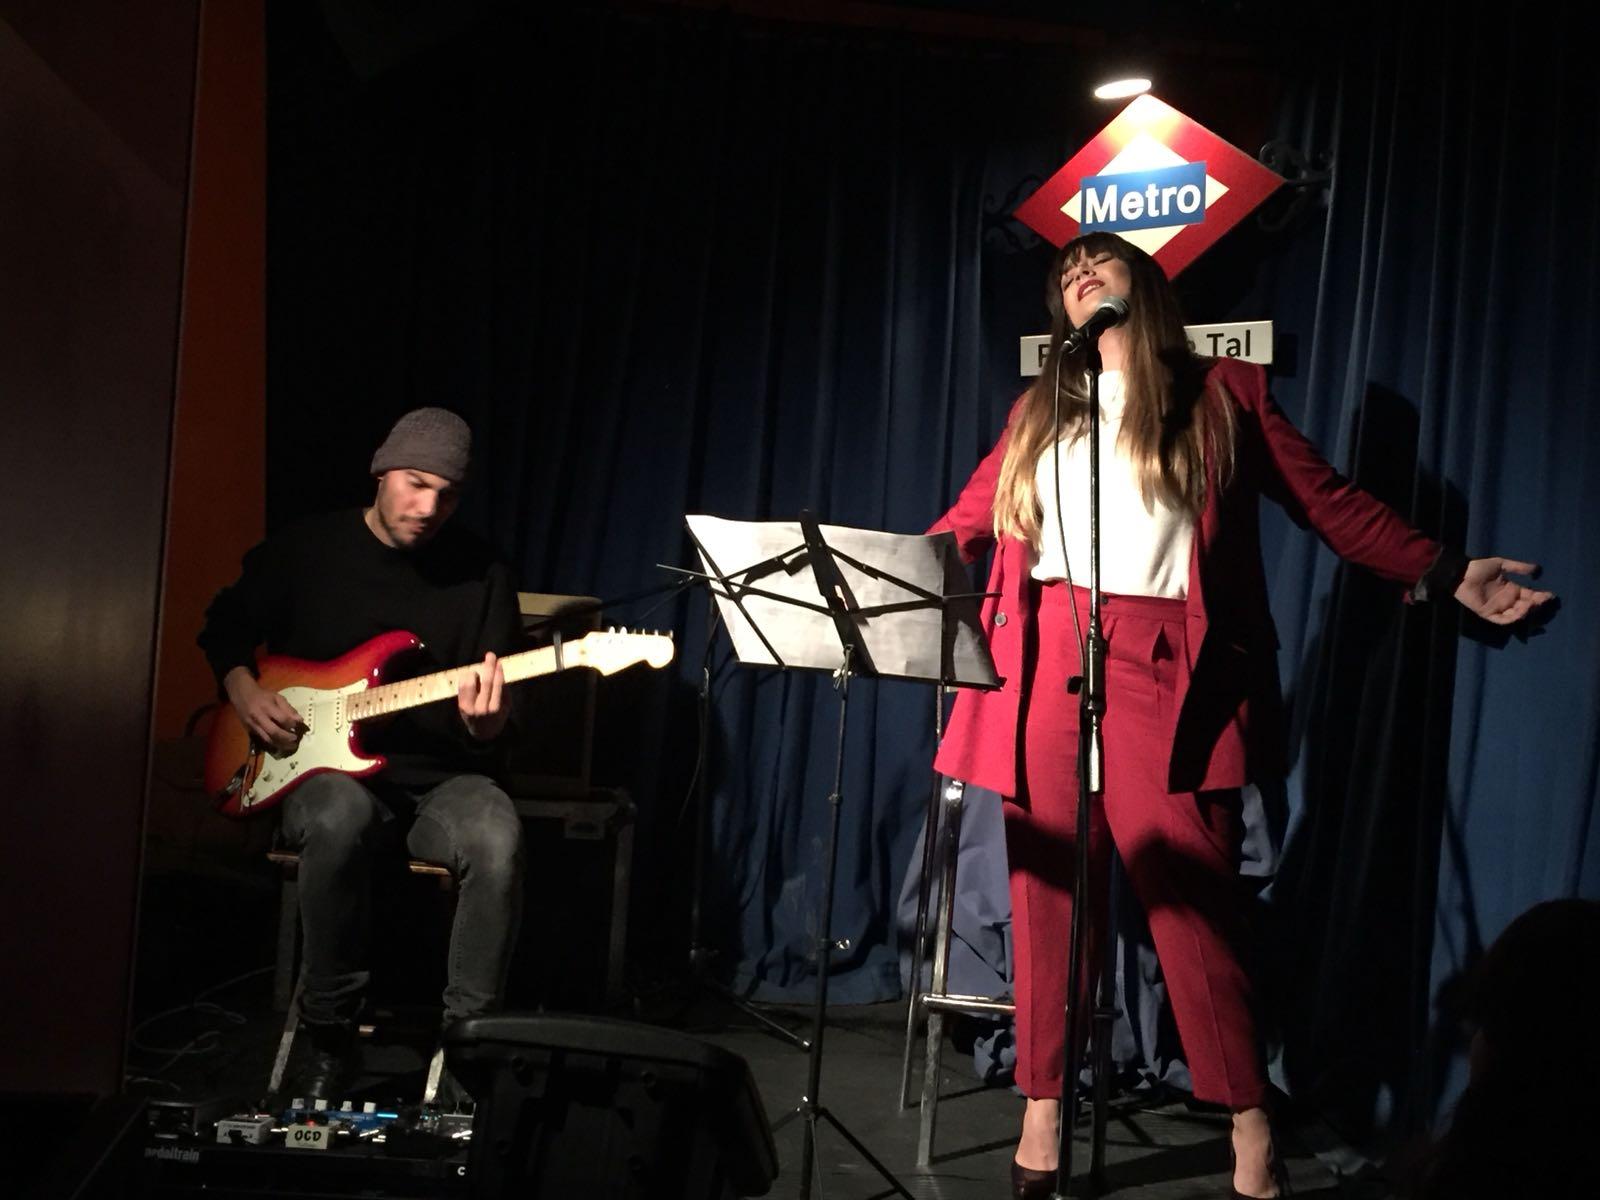 CRÓNICA | El último concierto de María Aguado en la Sala Fulanita de Tal en Madrid